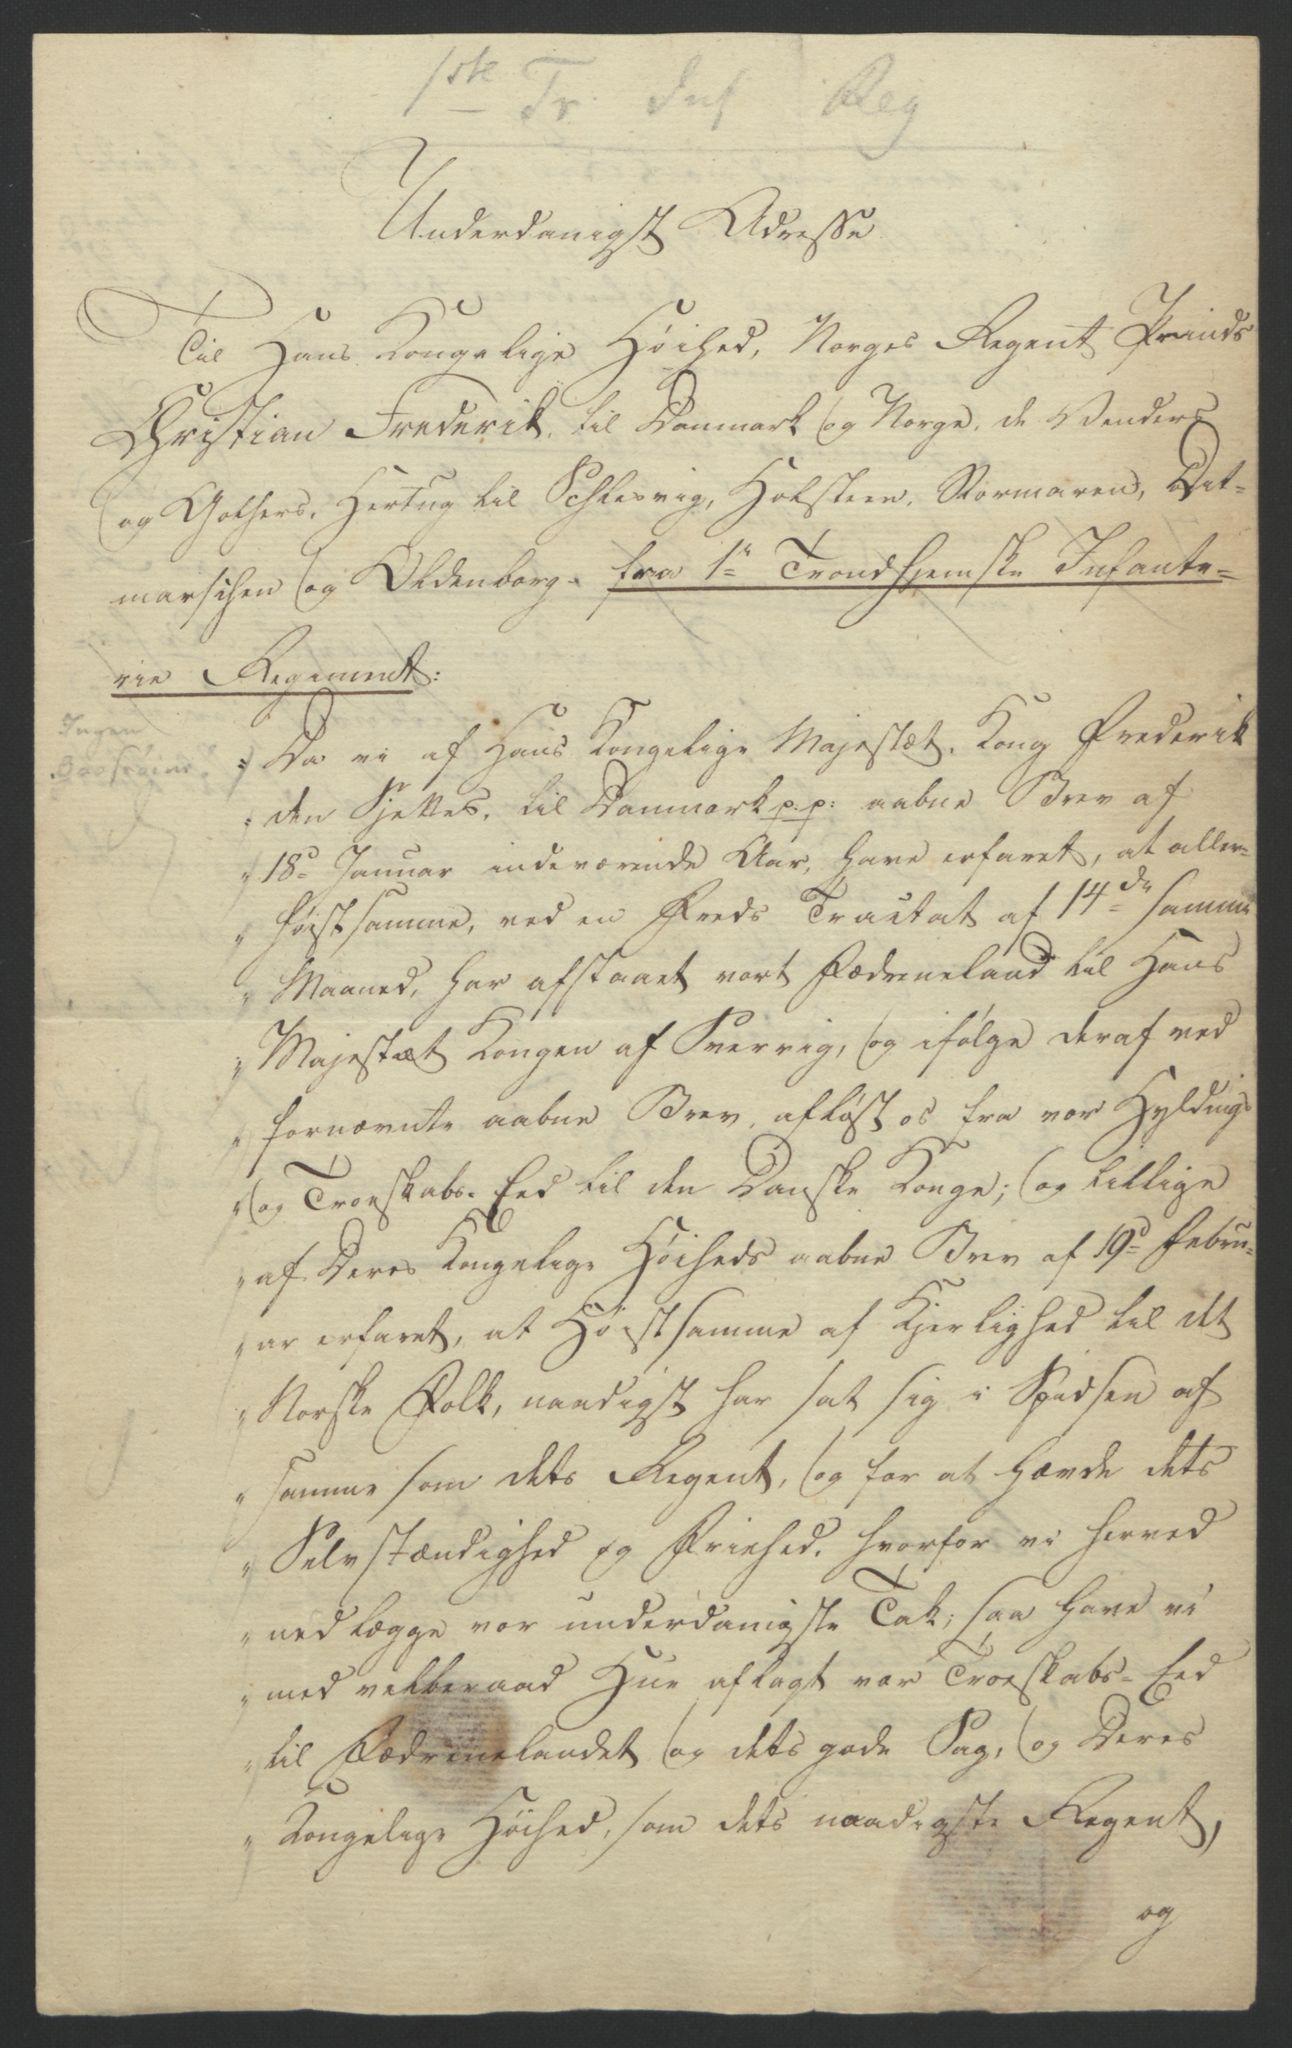 RA, Statsrådssekretariatet, D/Db/L0007: Fullmakter for Eidsvollsrepresentantene i 1814. , 1814, s. 118